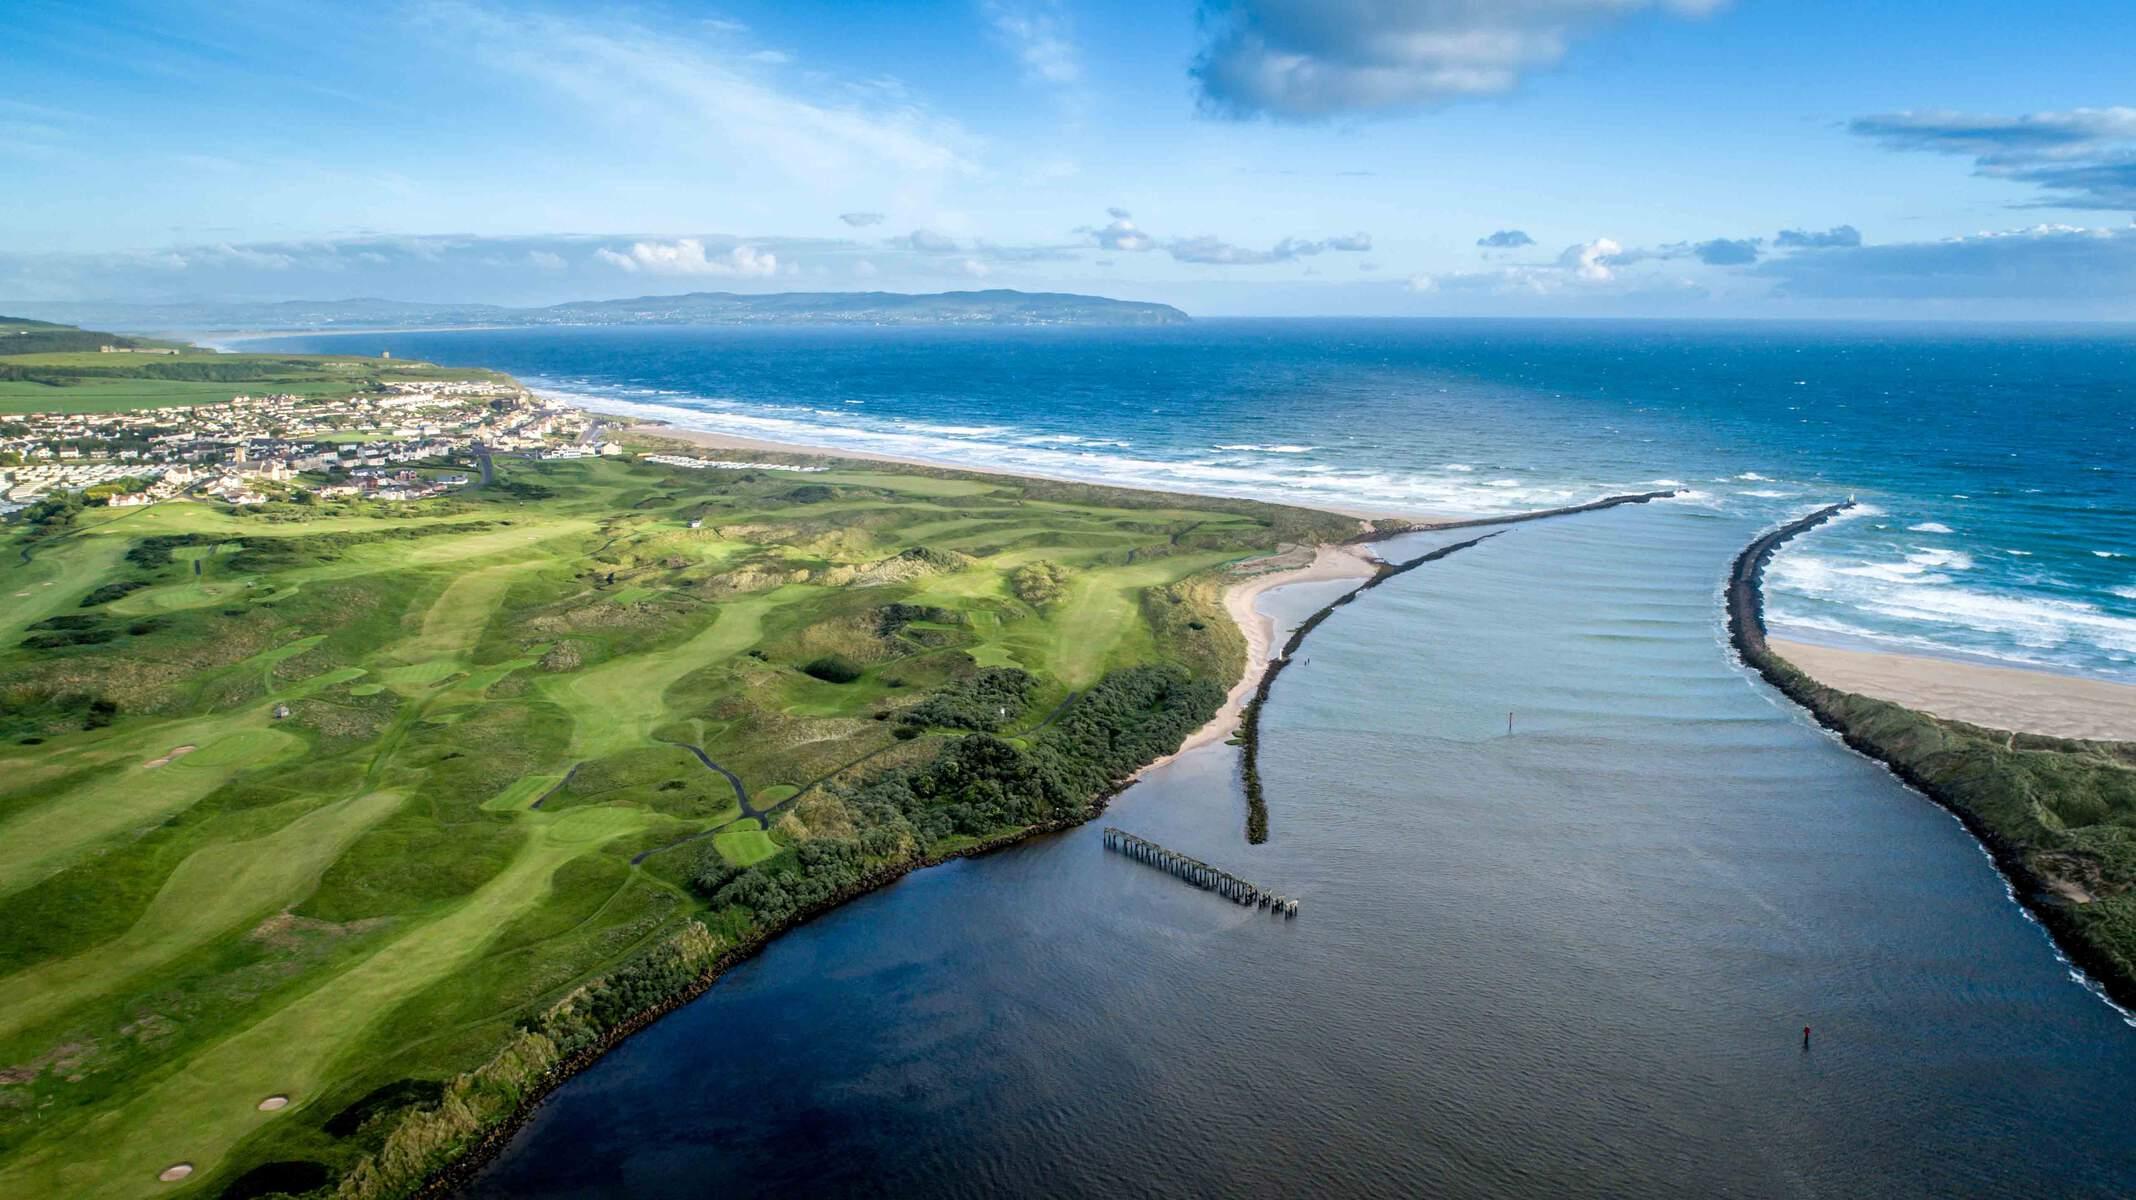 Castlerock County Derry